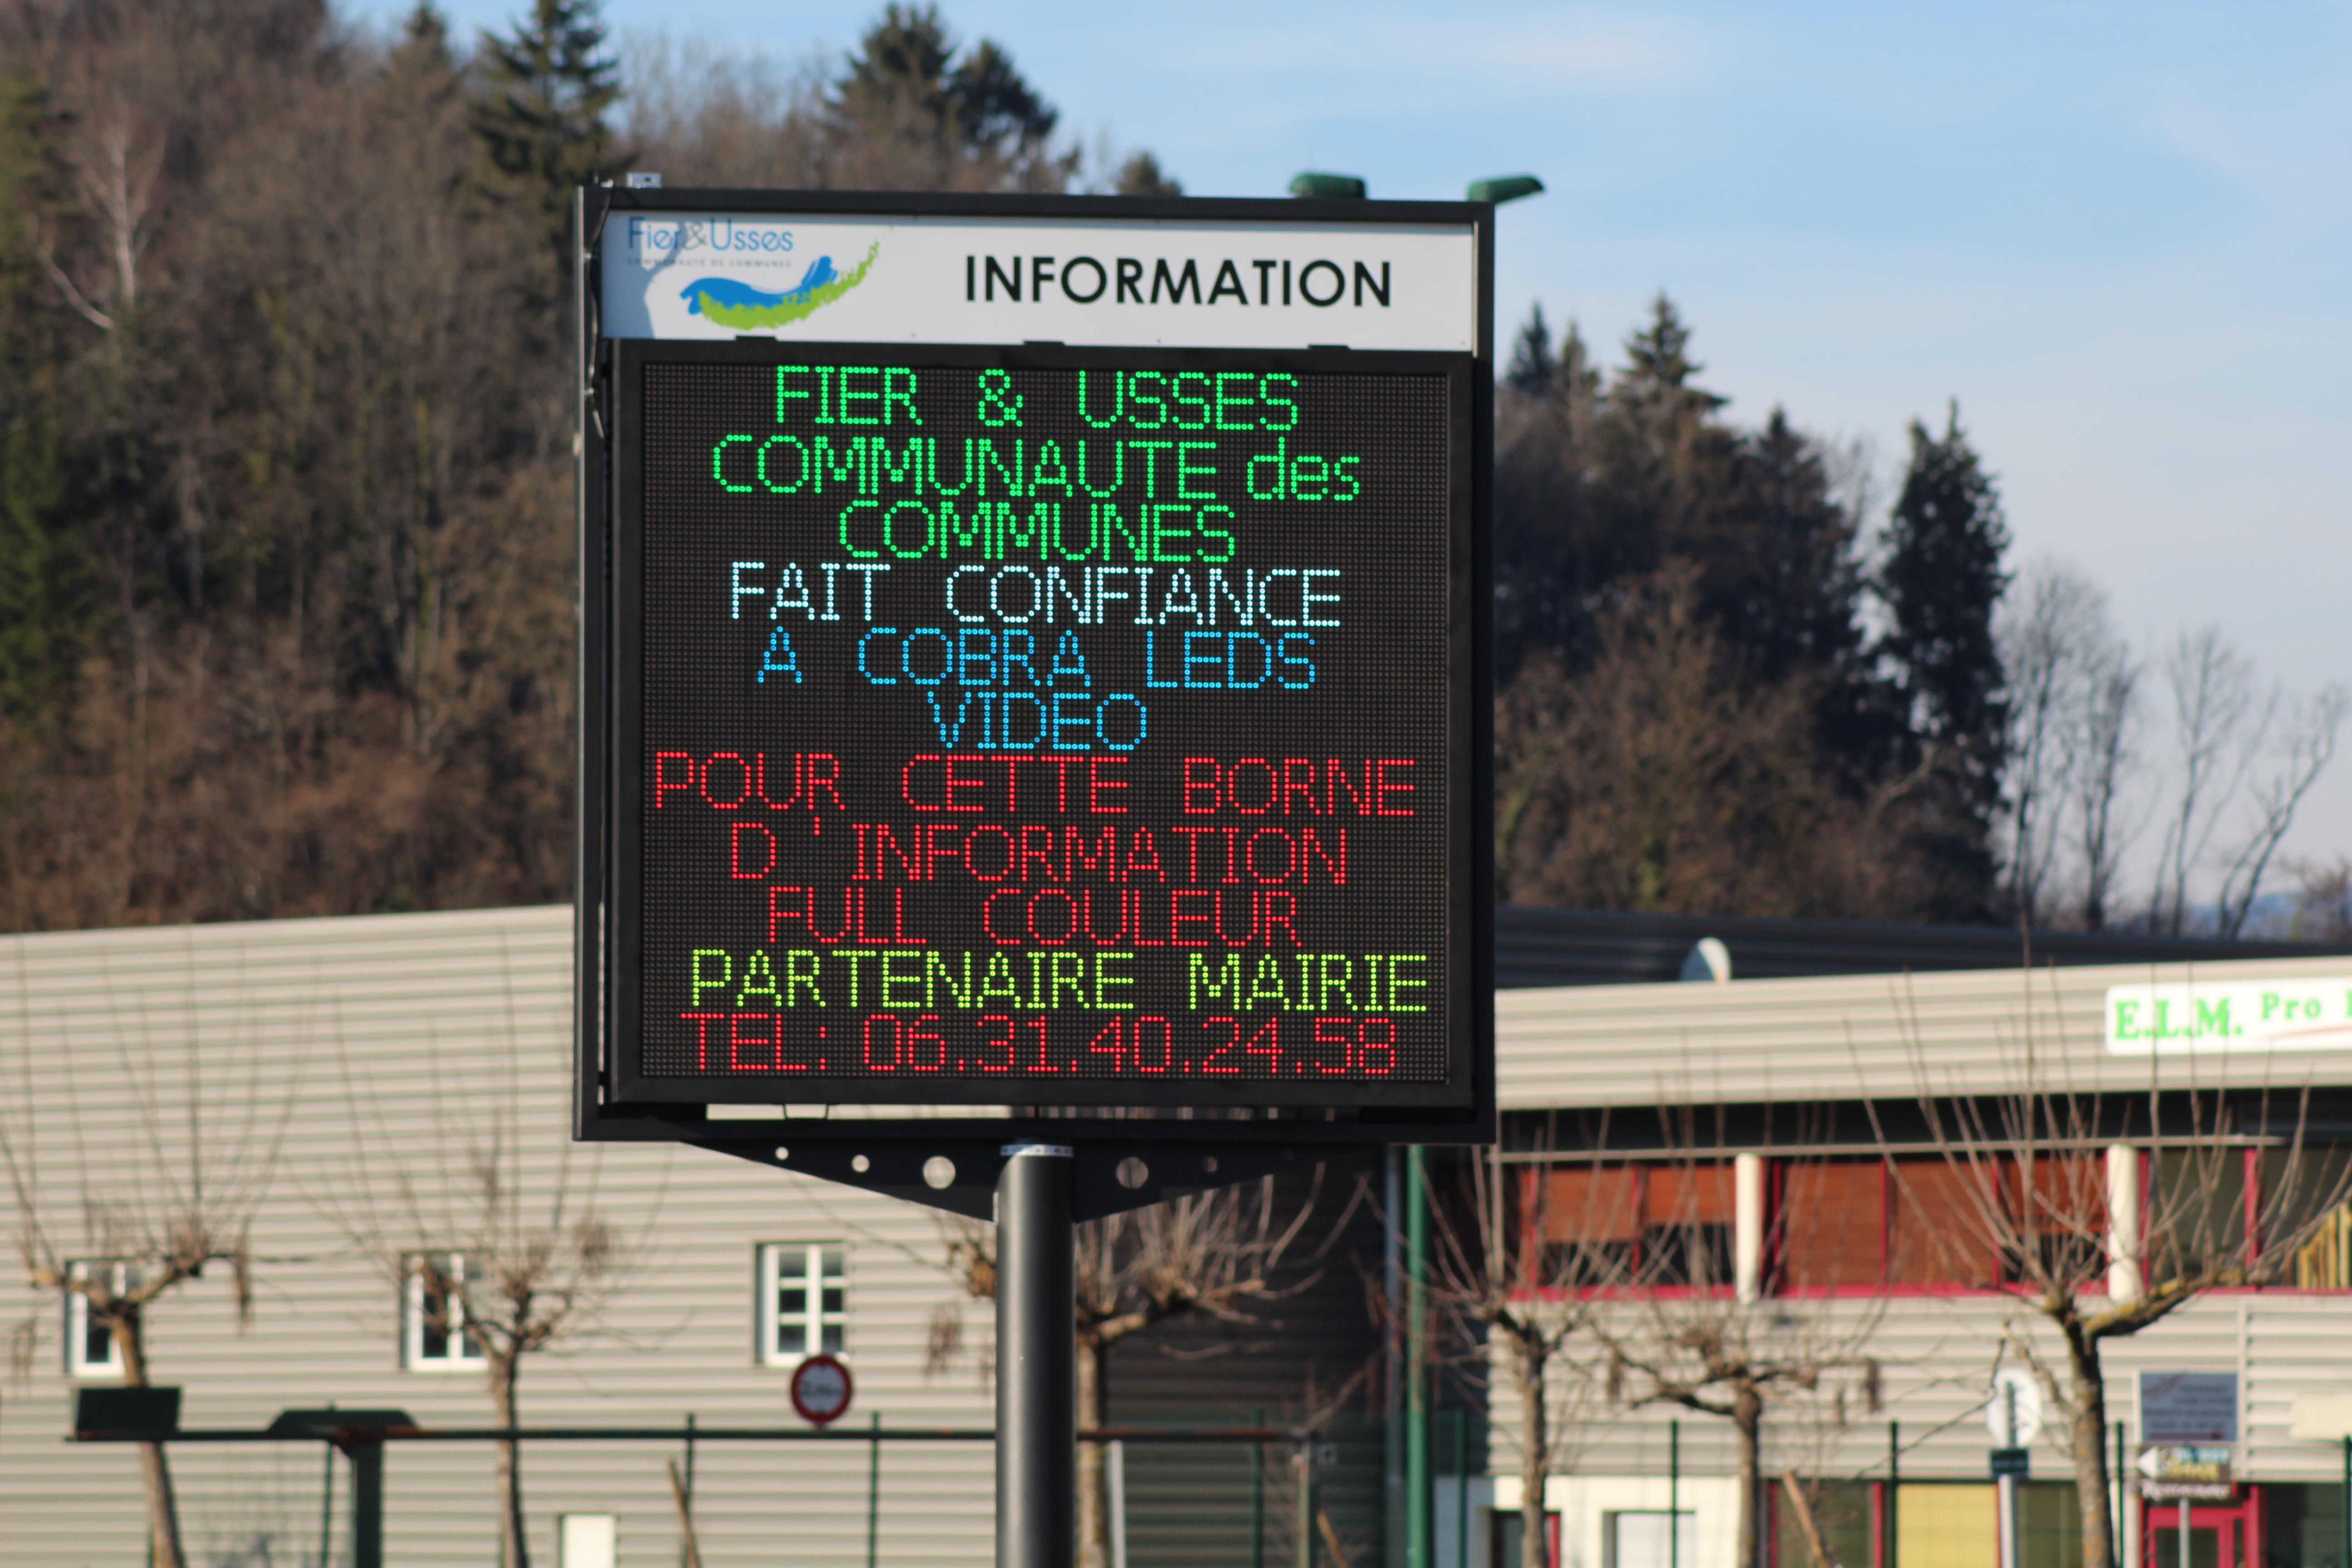 Panneau d'information full-couleur